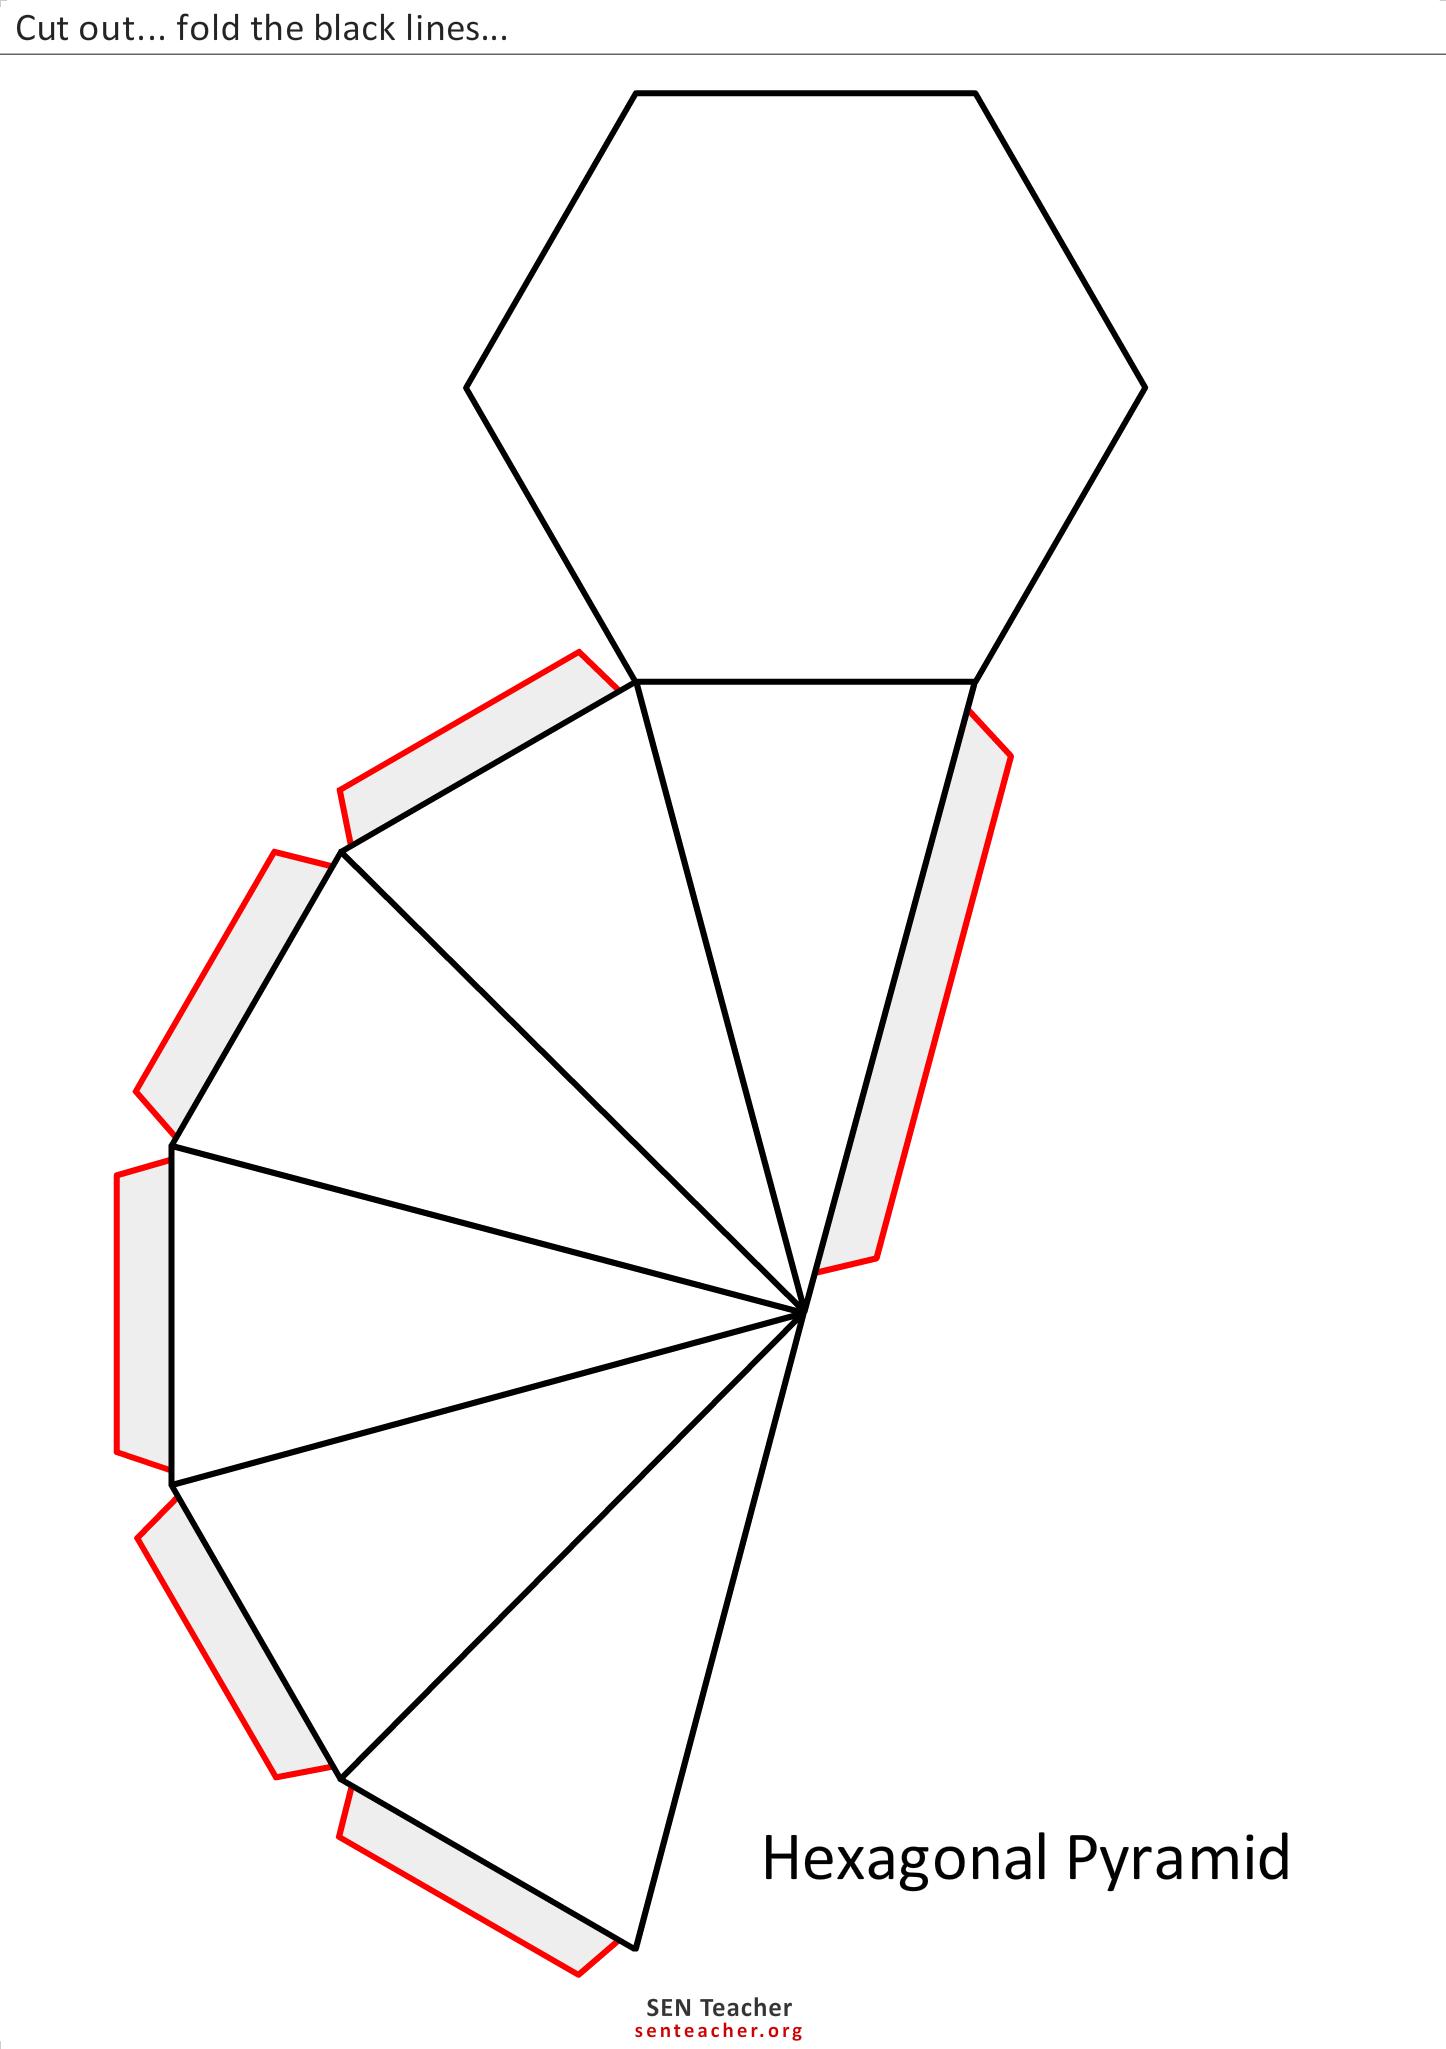 Geo_LurieMST: Net Hexagonal Pyramid